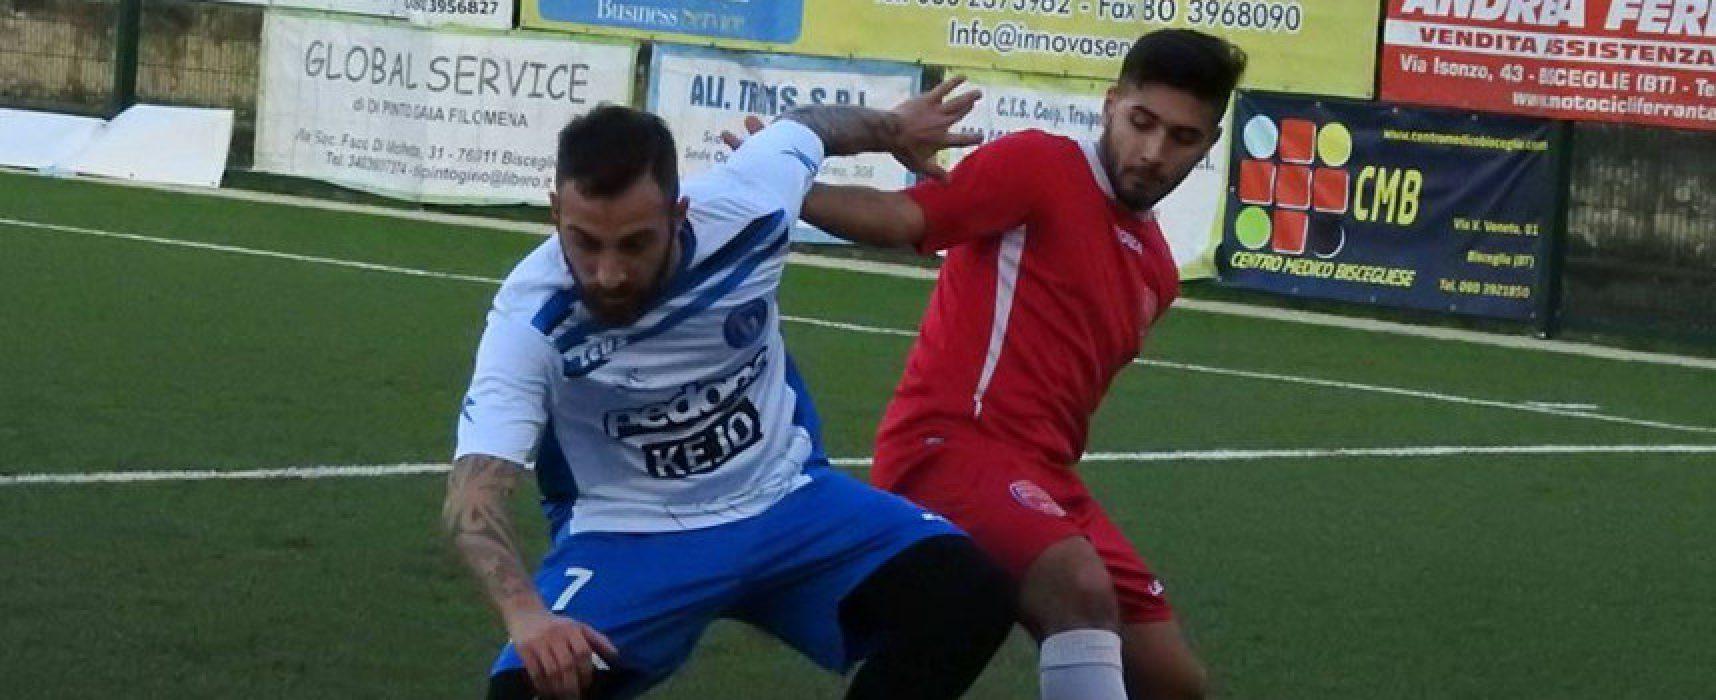 Unione Calcio, pesante sconfitta a Brindisi